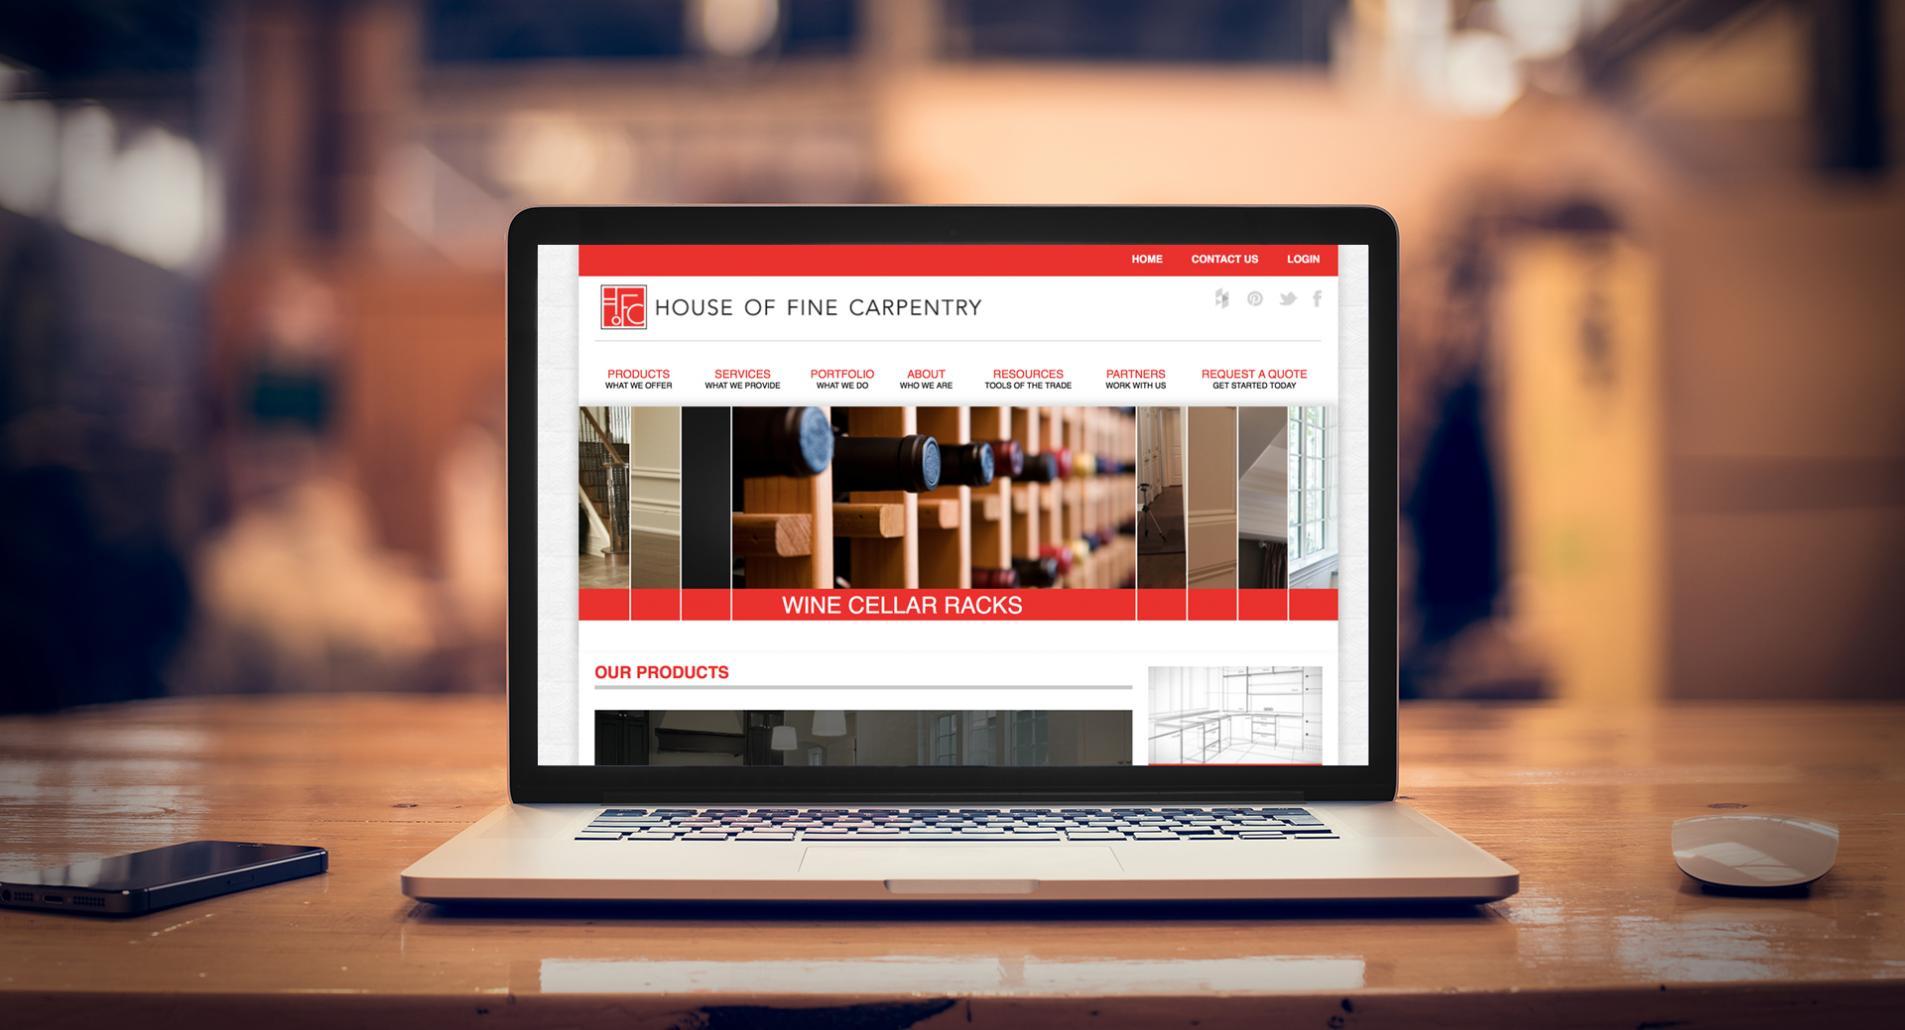 hofc-website-1920_0.jpg